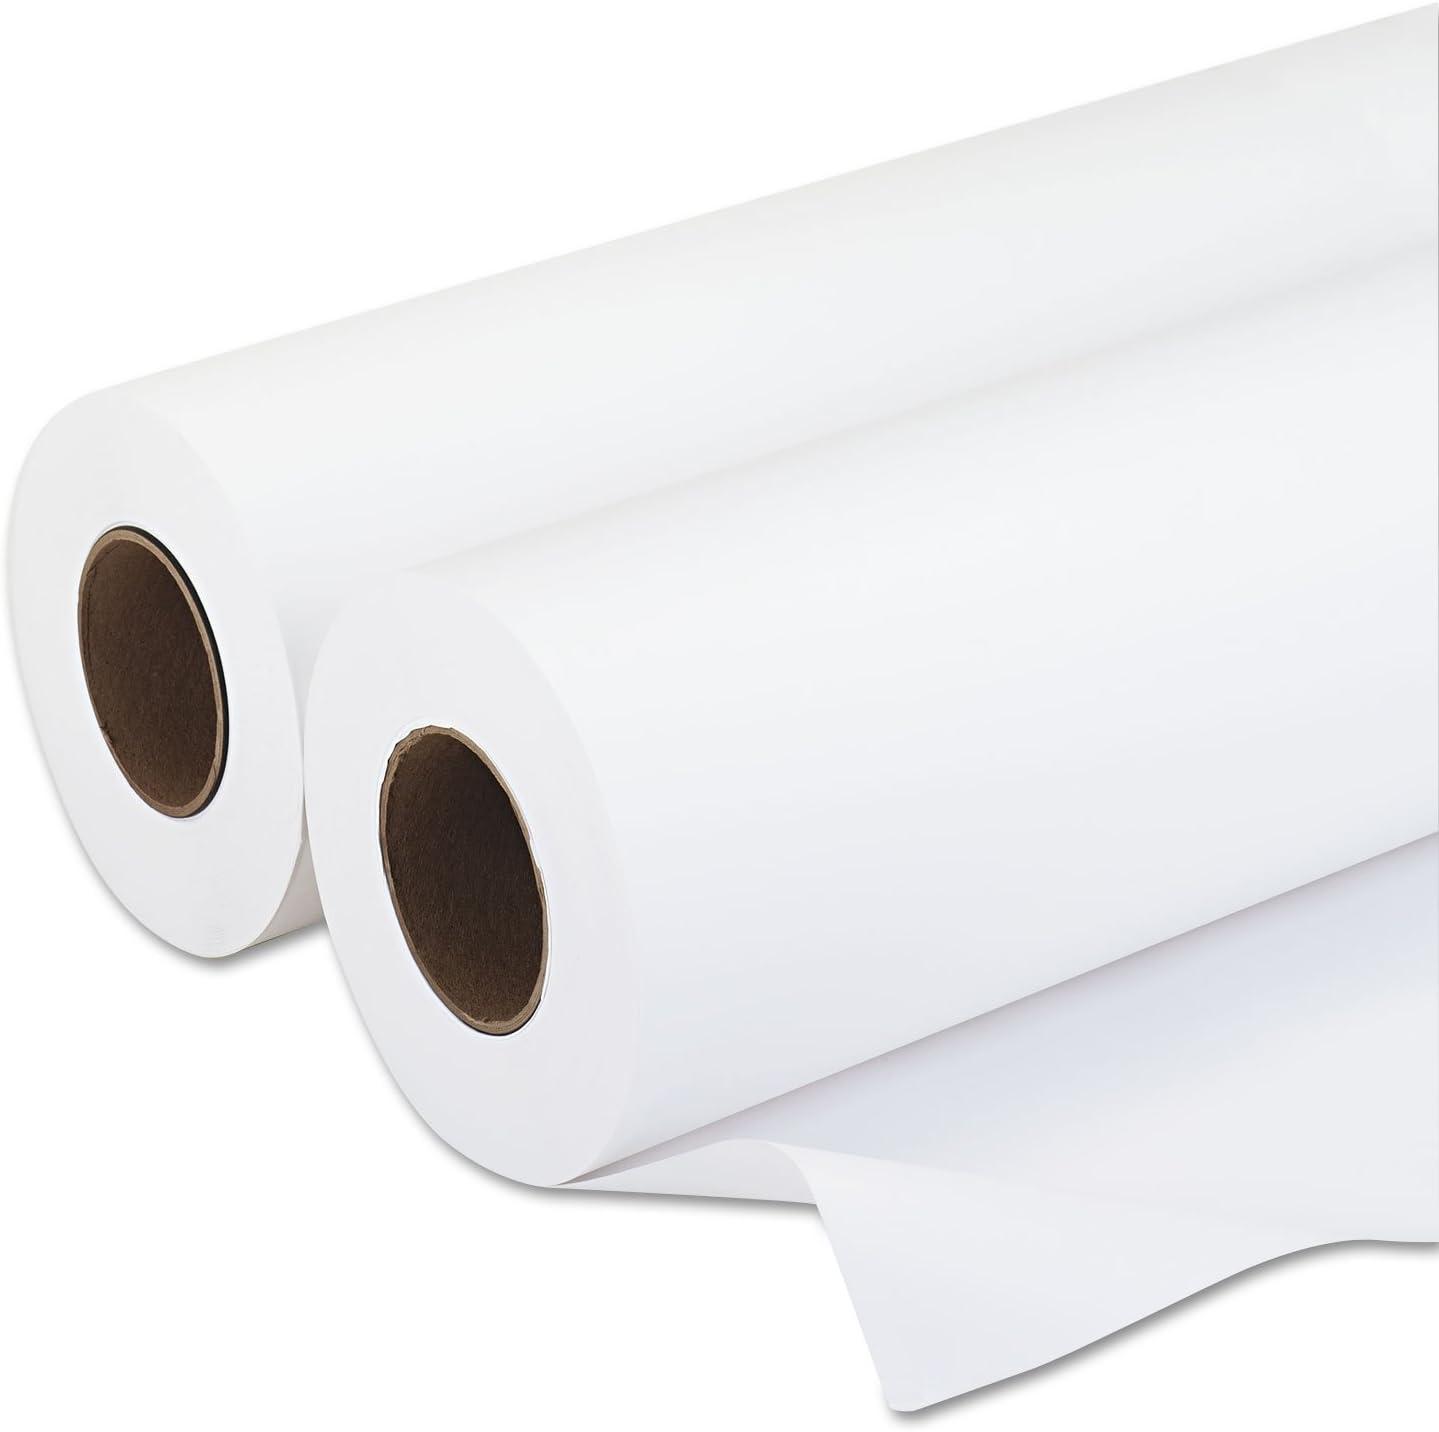 PM Company Amerigo Wide-Format Inkjet Paper, 20-Pounds, 3-Inch Core, 24-Inch X 500 Feet, 2 per Carton (PMC09124)